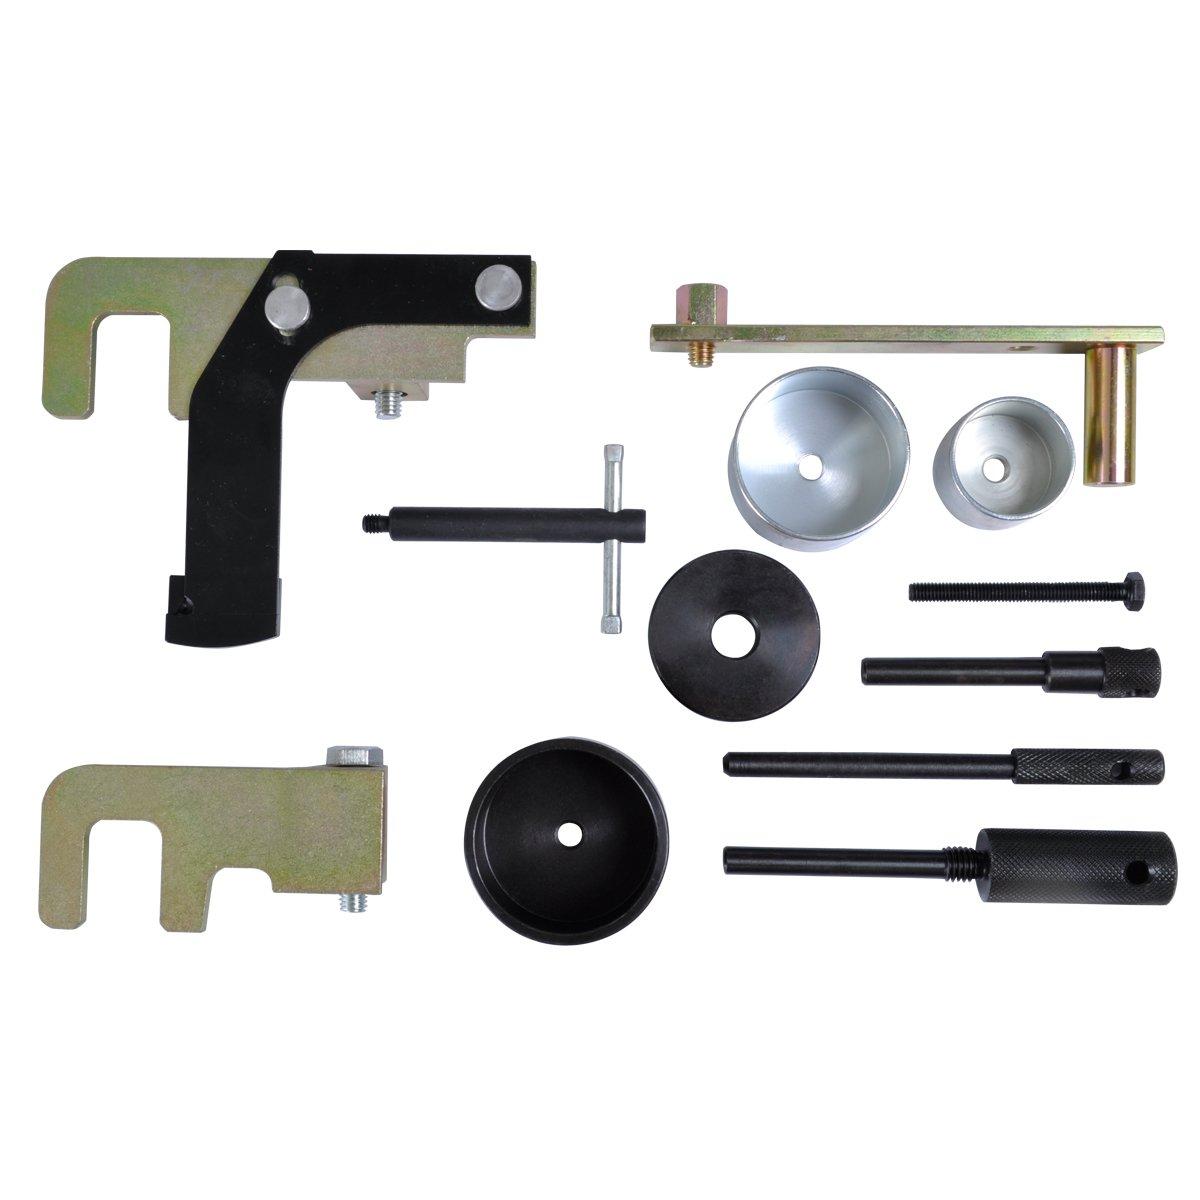 Set de herramienta de bloqueo de sincronización del motor gasóleo de árbol de levas: Amazon.es: Bricolaje y herramientas